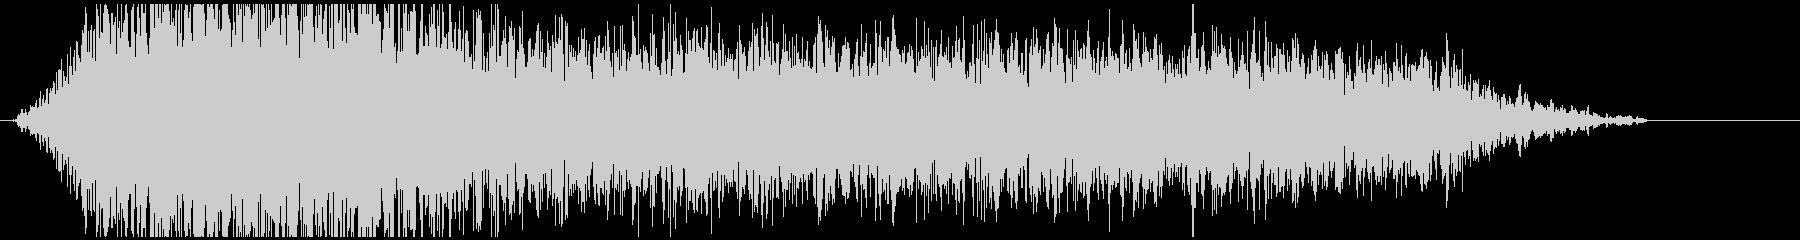 ドローン G 低ノイズ02の未再生の波形